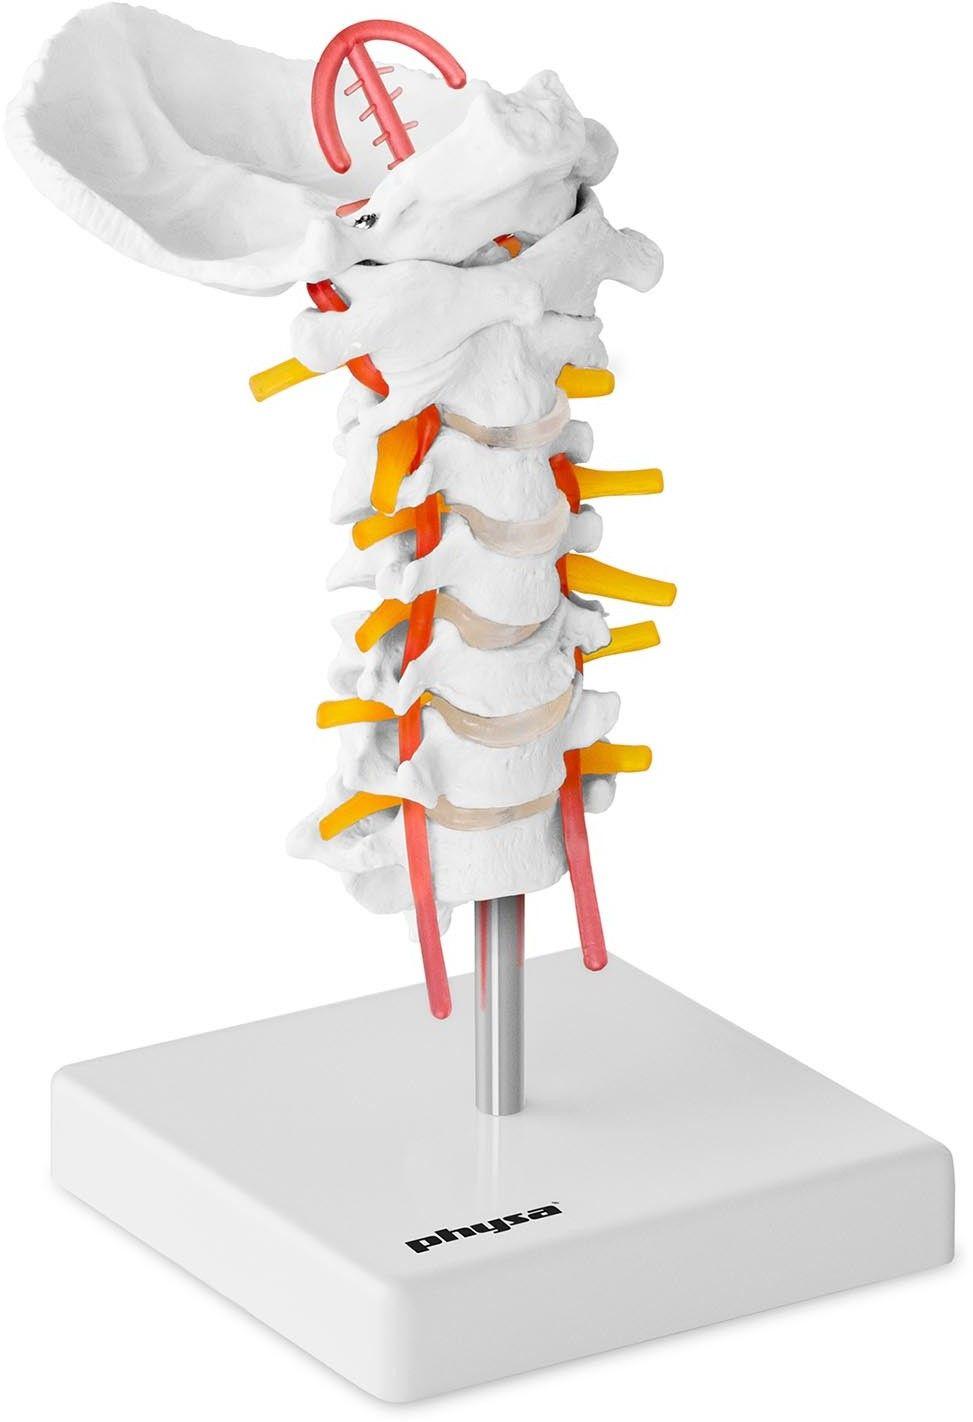 Kręgosłup szyjny - model anatomiczny - physa - PHY-SM-3